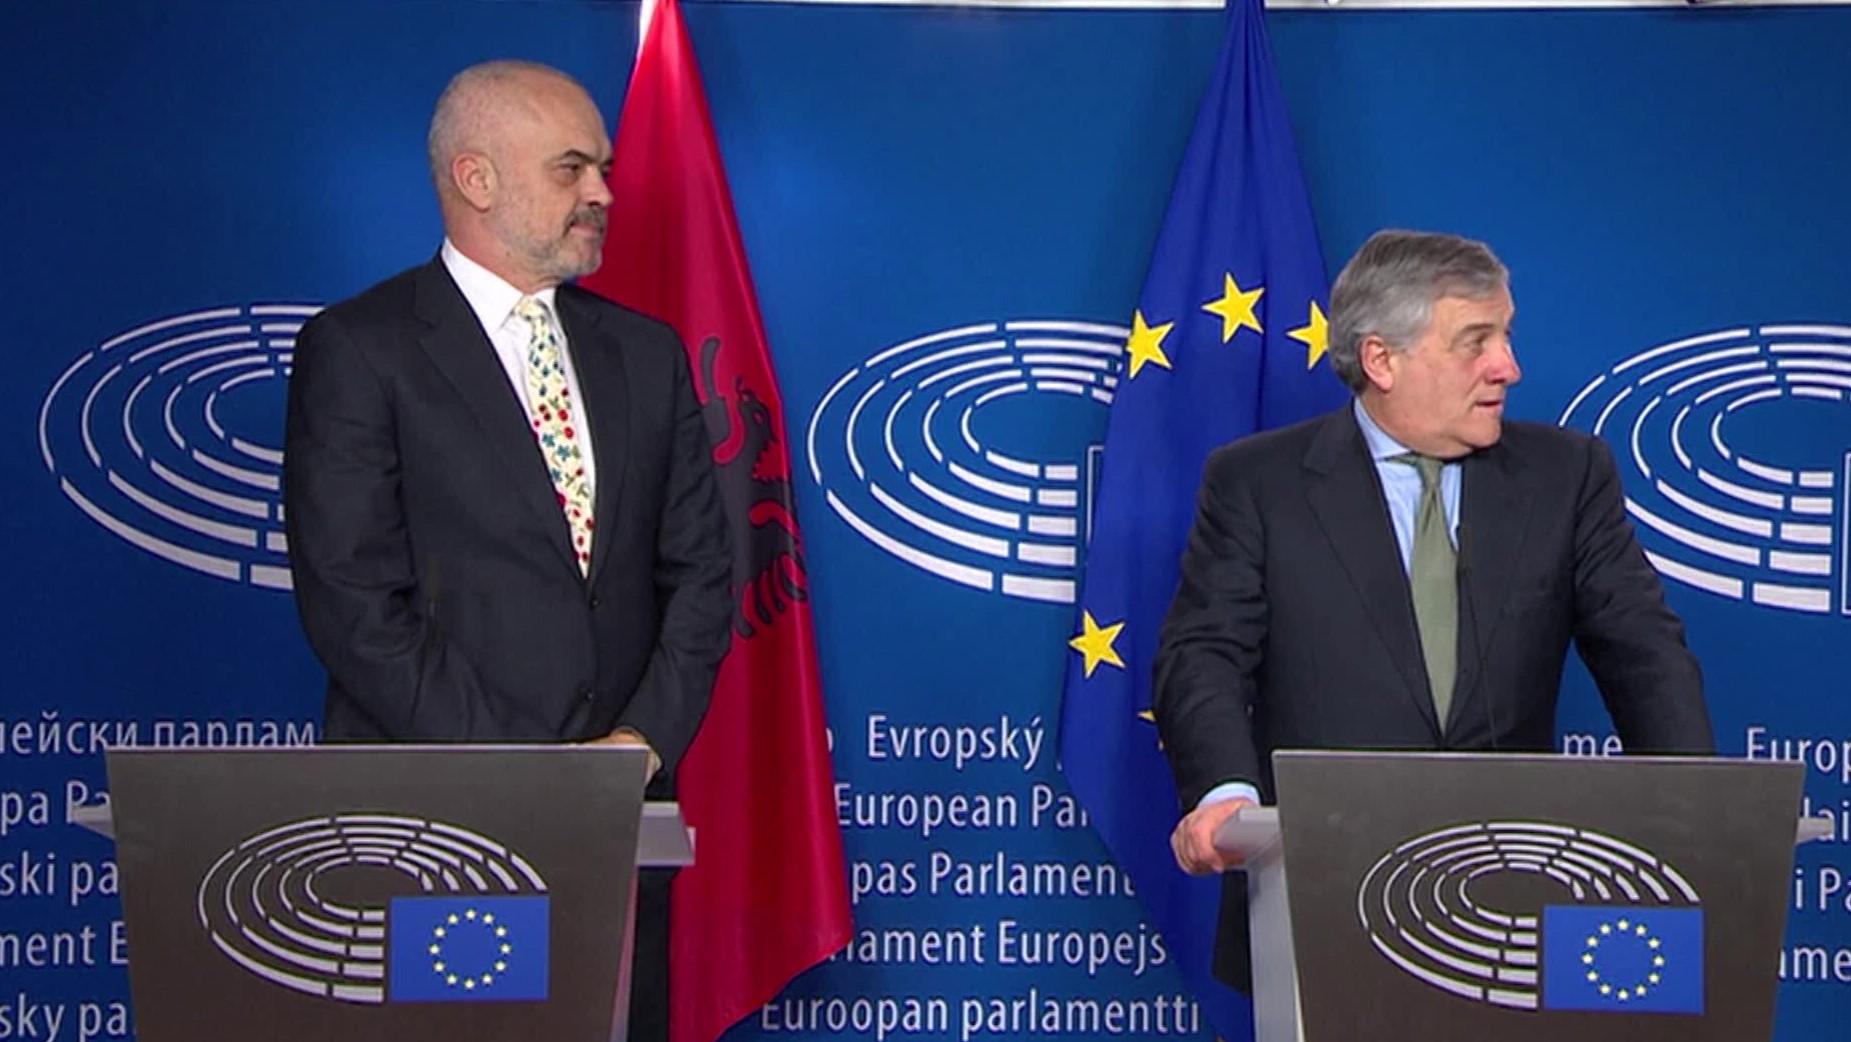 Presidenti i Parlamentit Europian Tajani pret Ramën